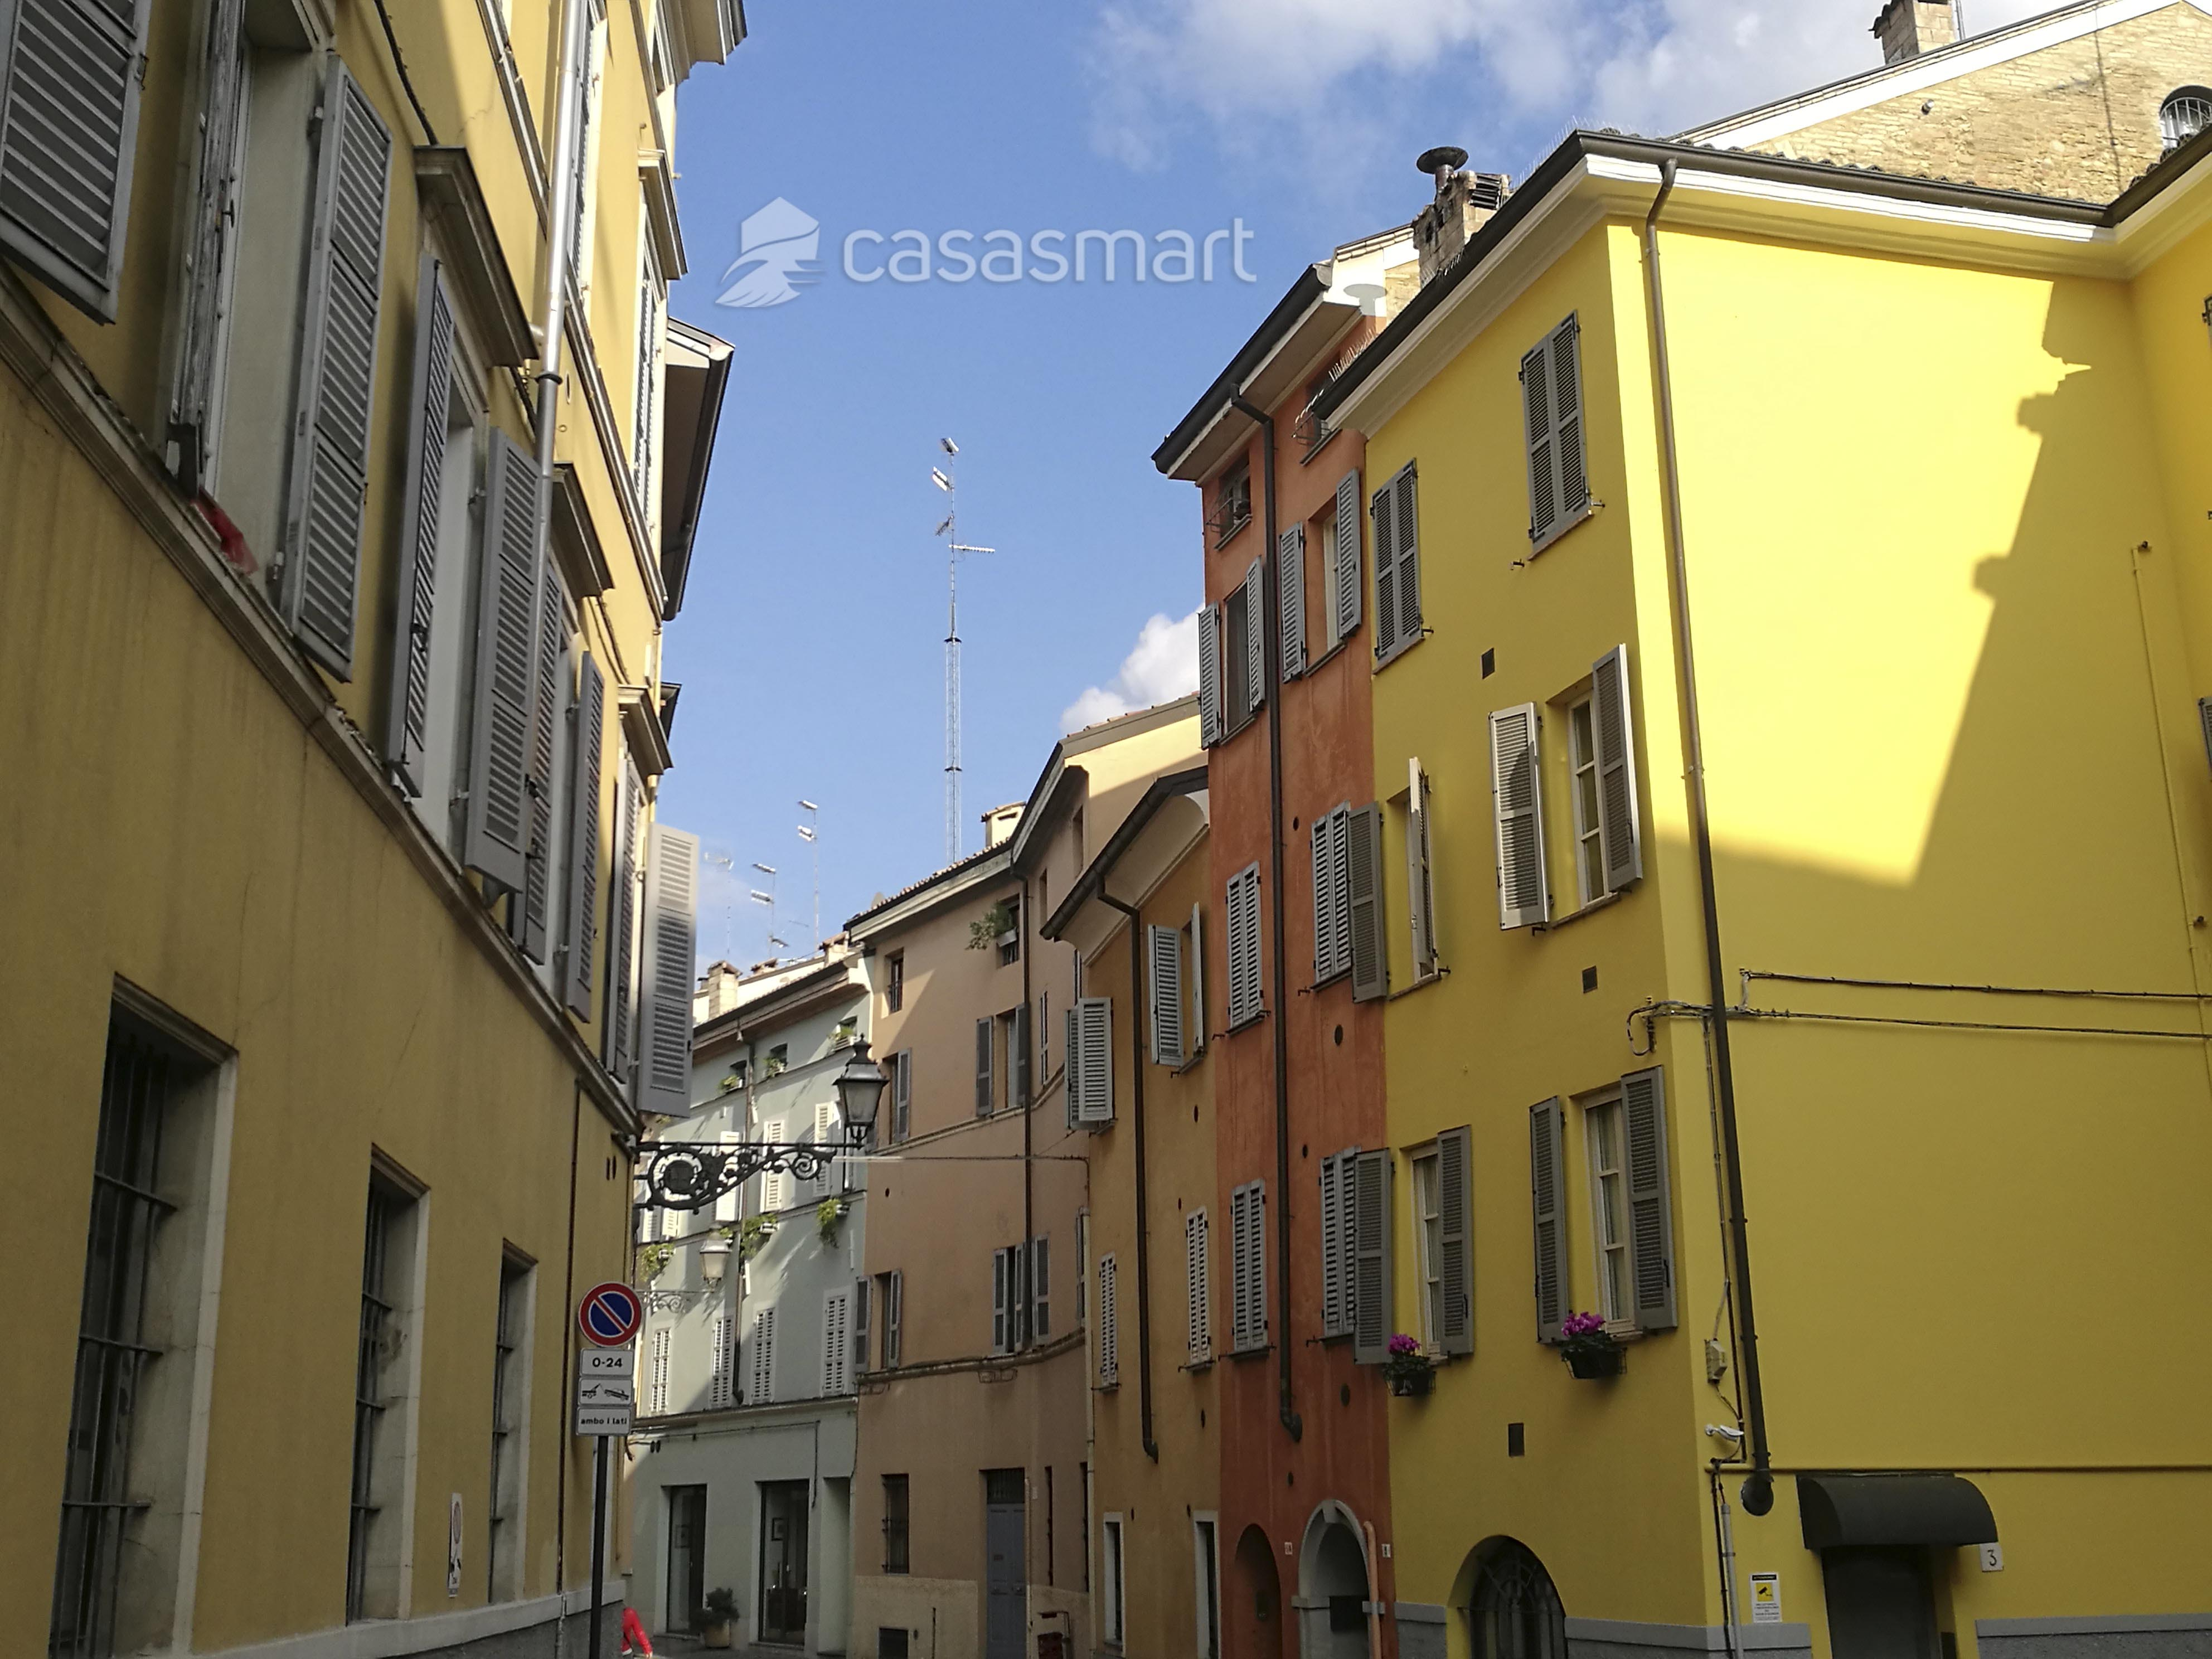 Agenzia immobiliare a Parma, cos'è l'incarico in esclusiva ...